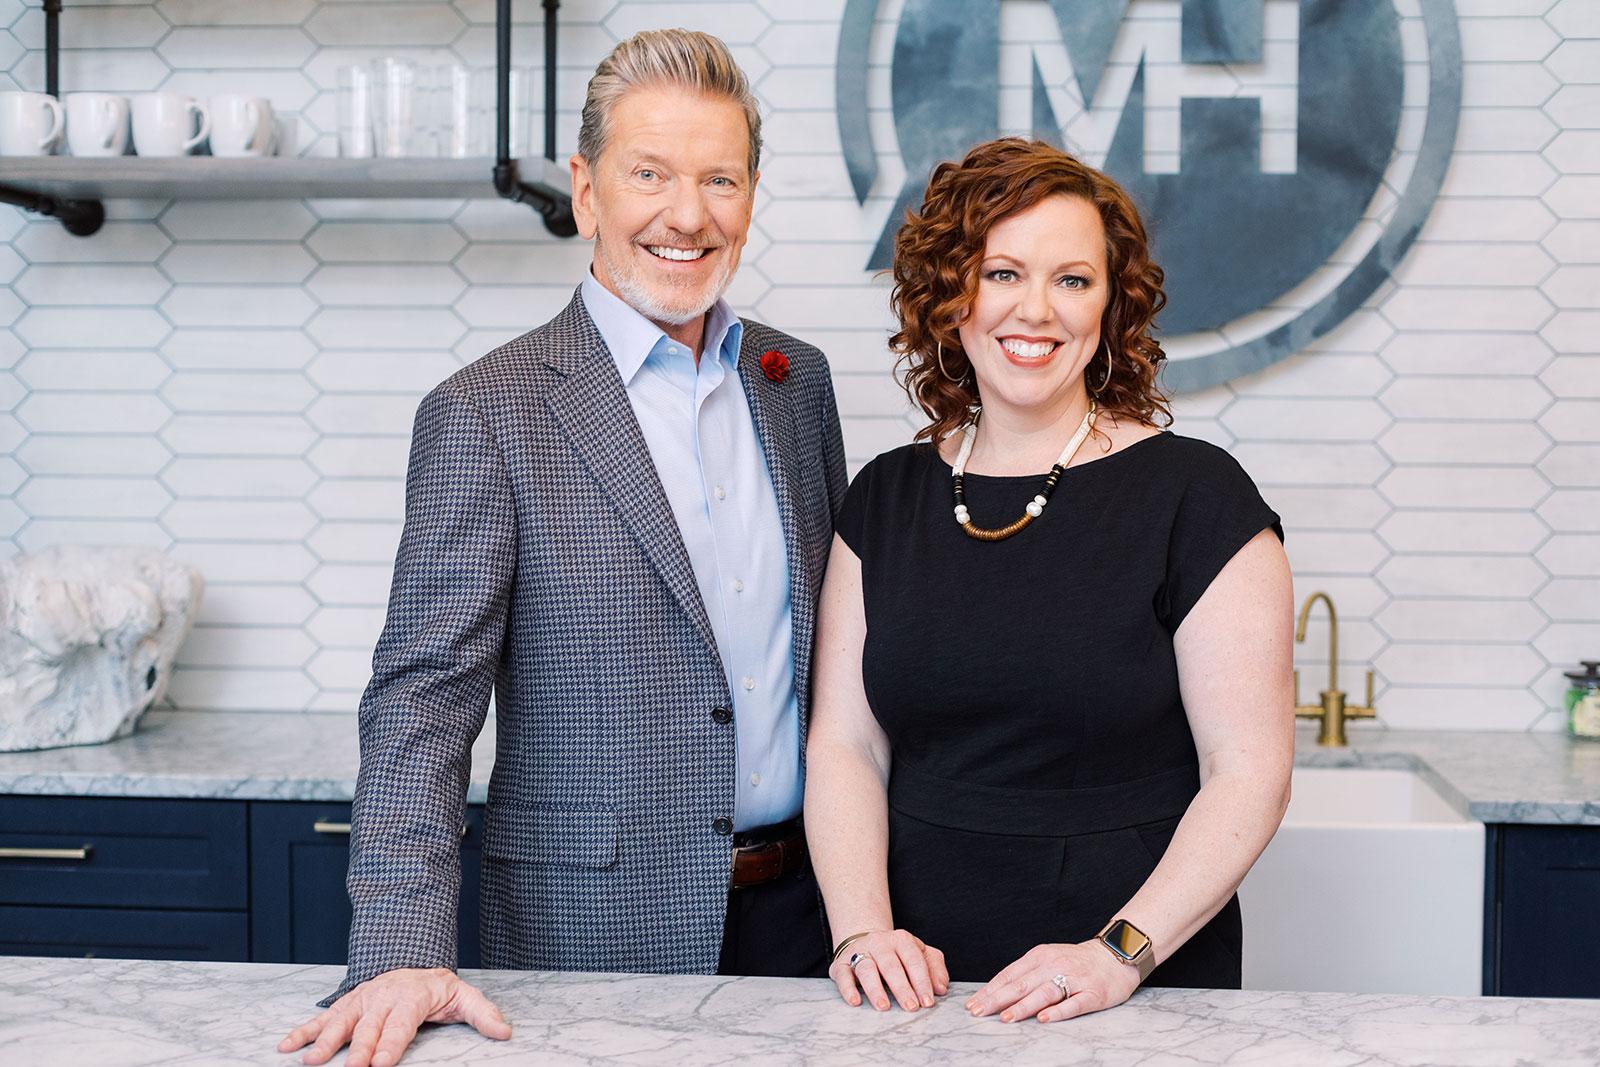 Michael Hyatt & Megan Hyatt Miller